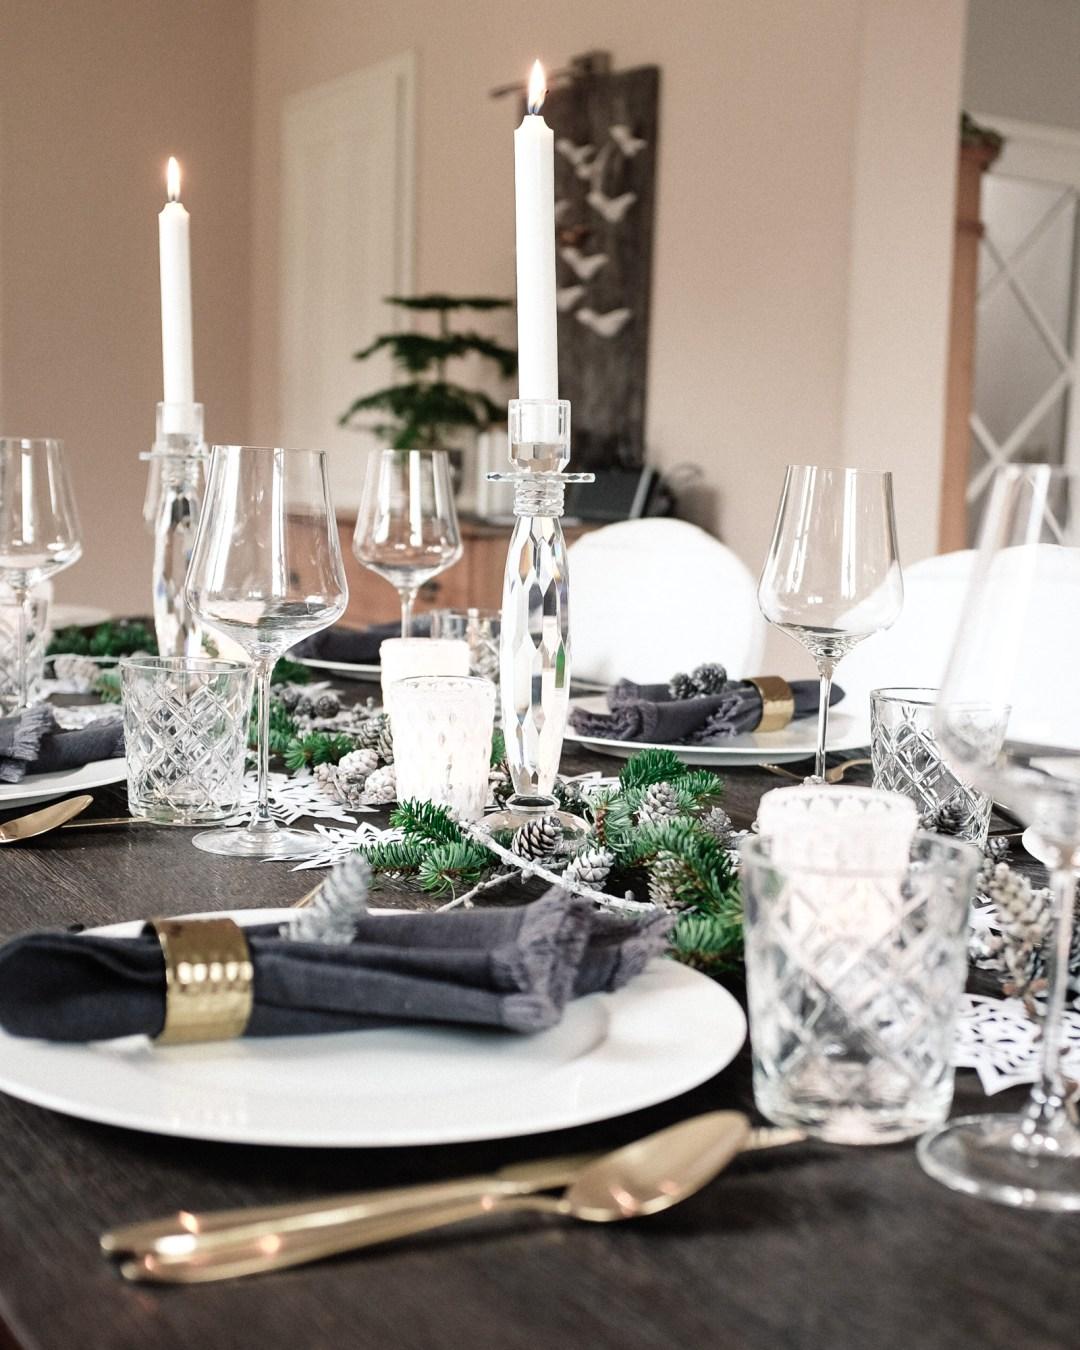 ina stil inastil Tischdekoration Weihnachten Weihnachtsessen Weihnachtssterne Festessen Dekoration christmastime WeihnachtszeitDSCF0832